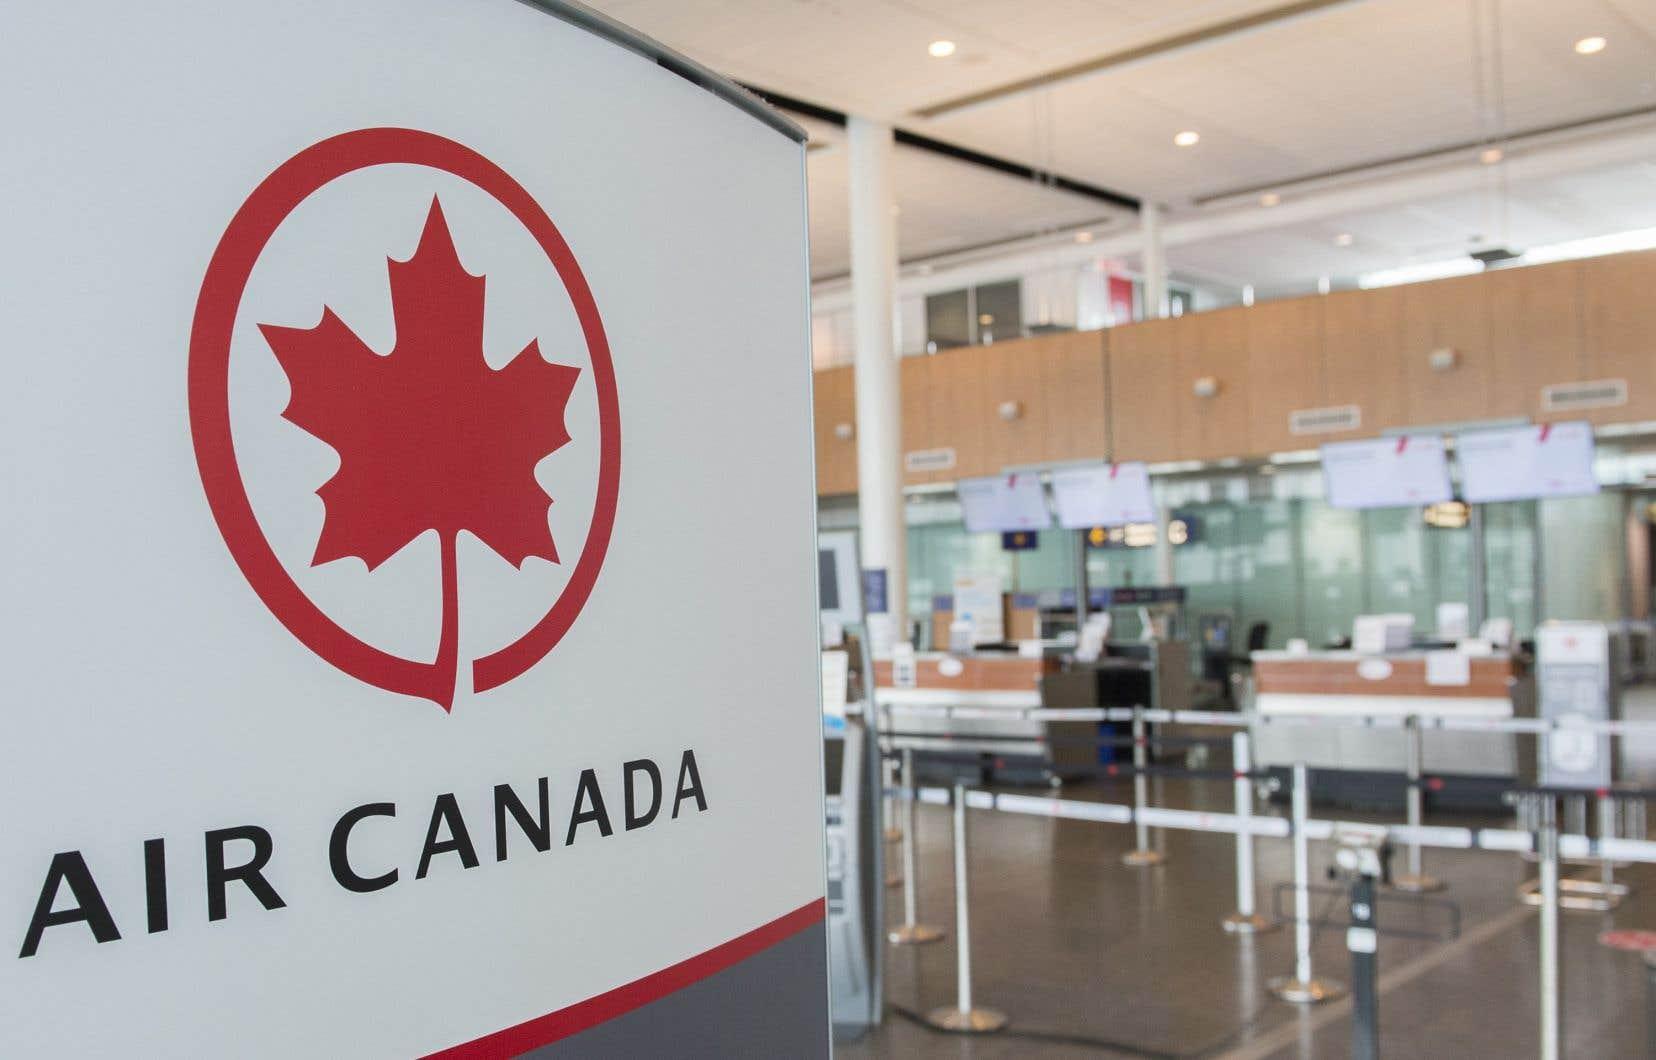 Air Canada est le deuxième transporteur aérien à apporter des assouplissements à sa politique en offrant des remboursements plutôt que des crédits aux passagers dont les vols ont été annulés en raison de la crise sanitaire.